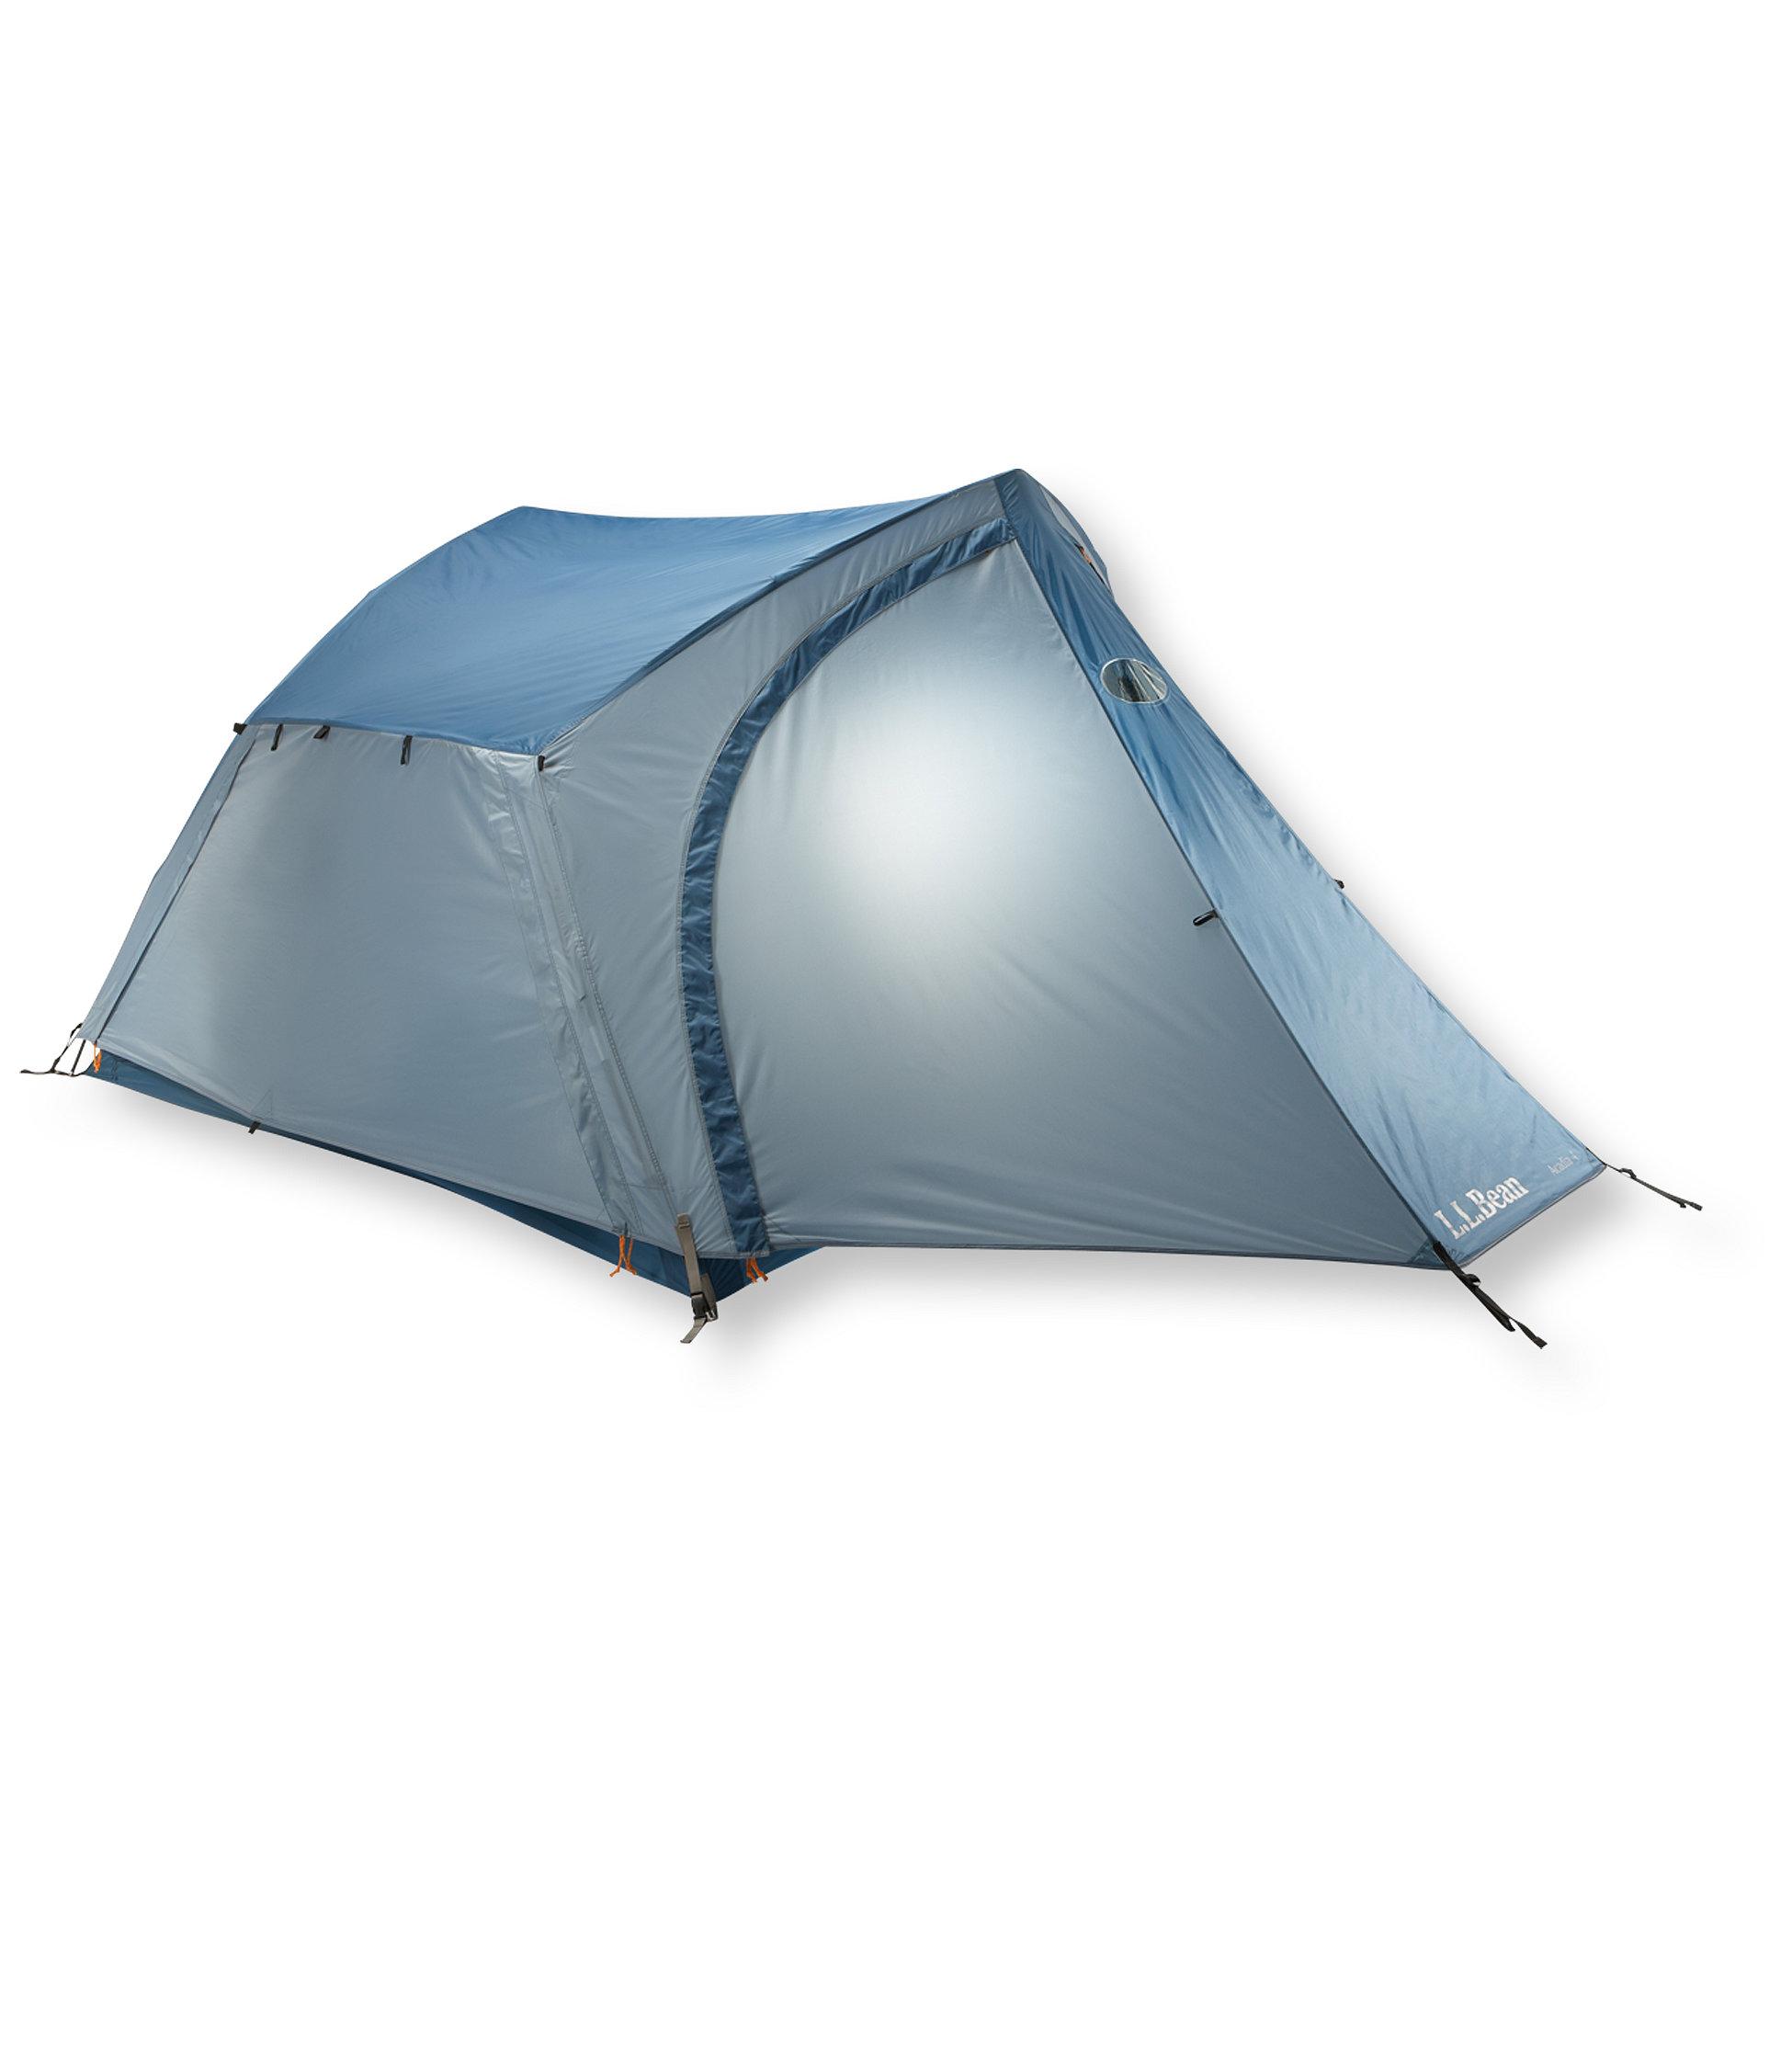 L.L.Bean Acadia 2-Person Tent